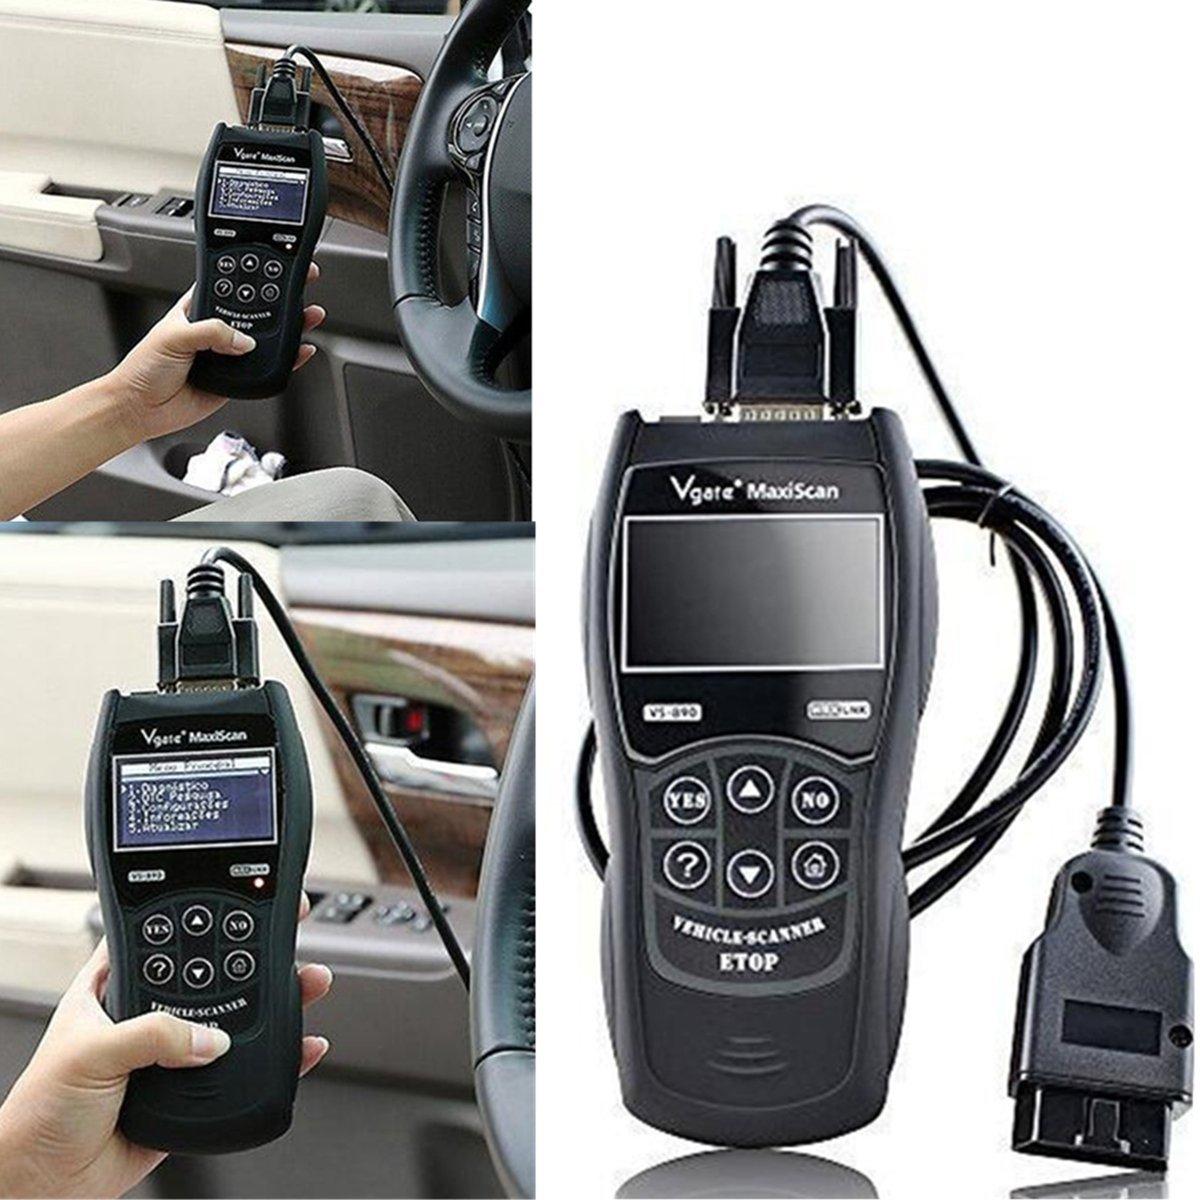 Gugutogo universale automobile auto Fault code Reader scanner strumento diagnostico OBD2 II –  VS890 reset veicolo scansione Tools (colore: Nero)